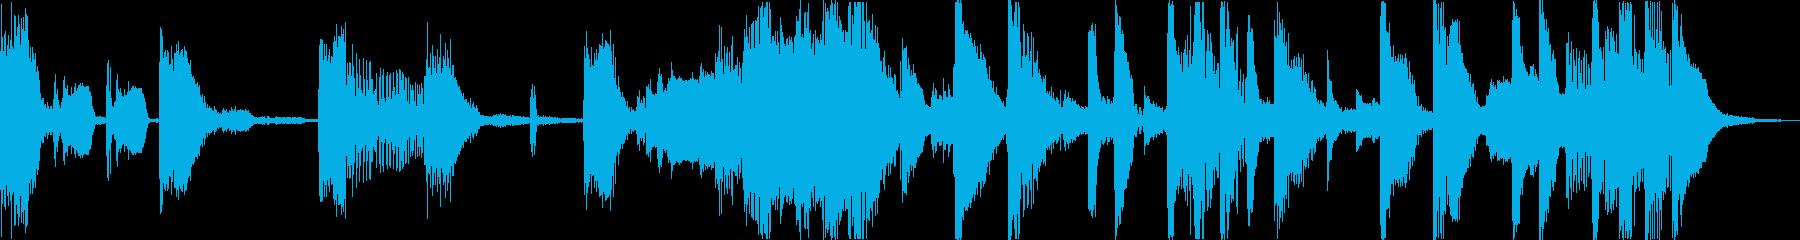 おしゃれ洋楽ヒップホップR&Bソウルeの再生済みの波形